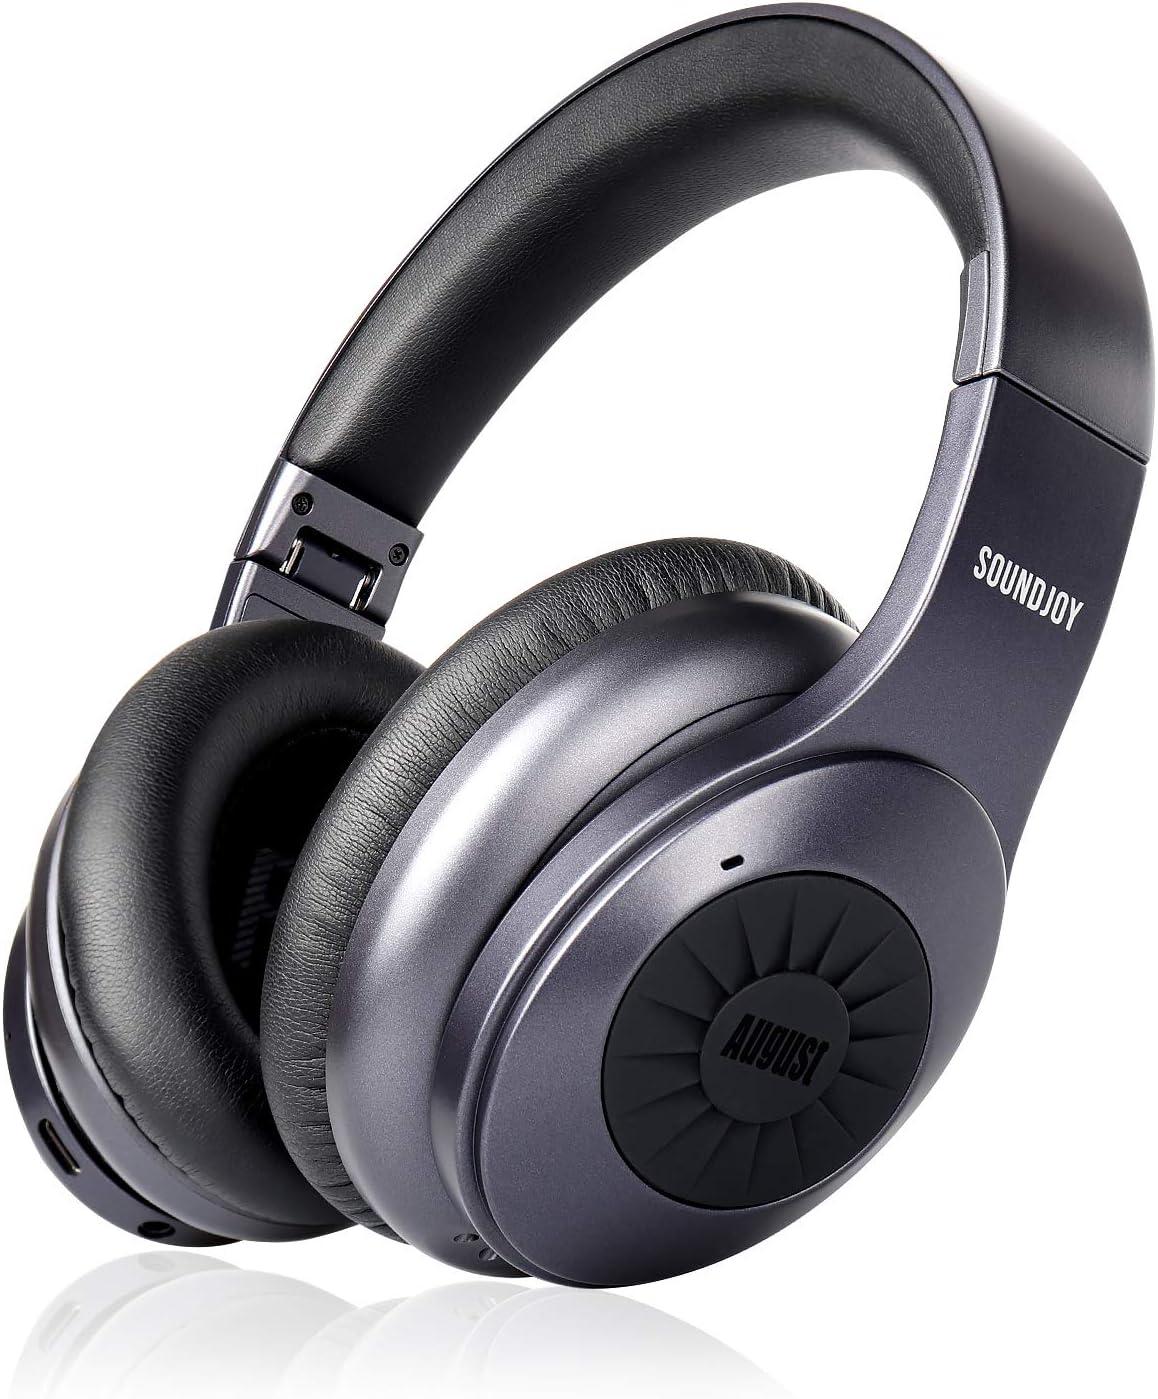 Auriculares inalámbricos Bluetooth con cancelación de Ruido August Over Ear - EP765 Disfruta de un Sonido Rico en Graves y una Comodidad óptima - Bluetooth v5.0 con aptX